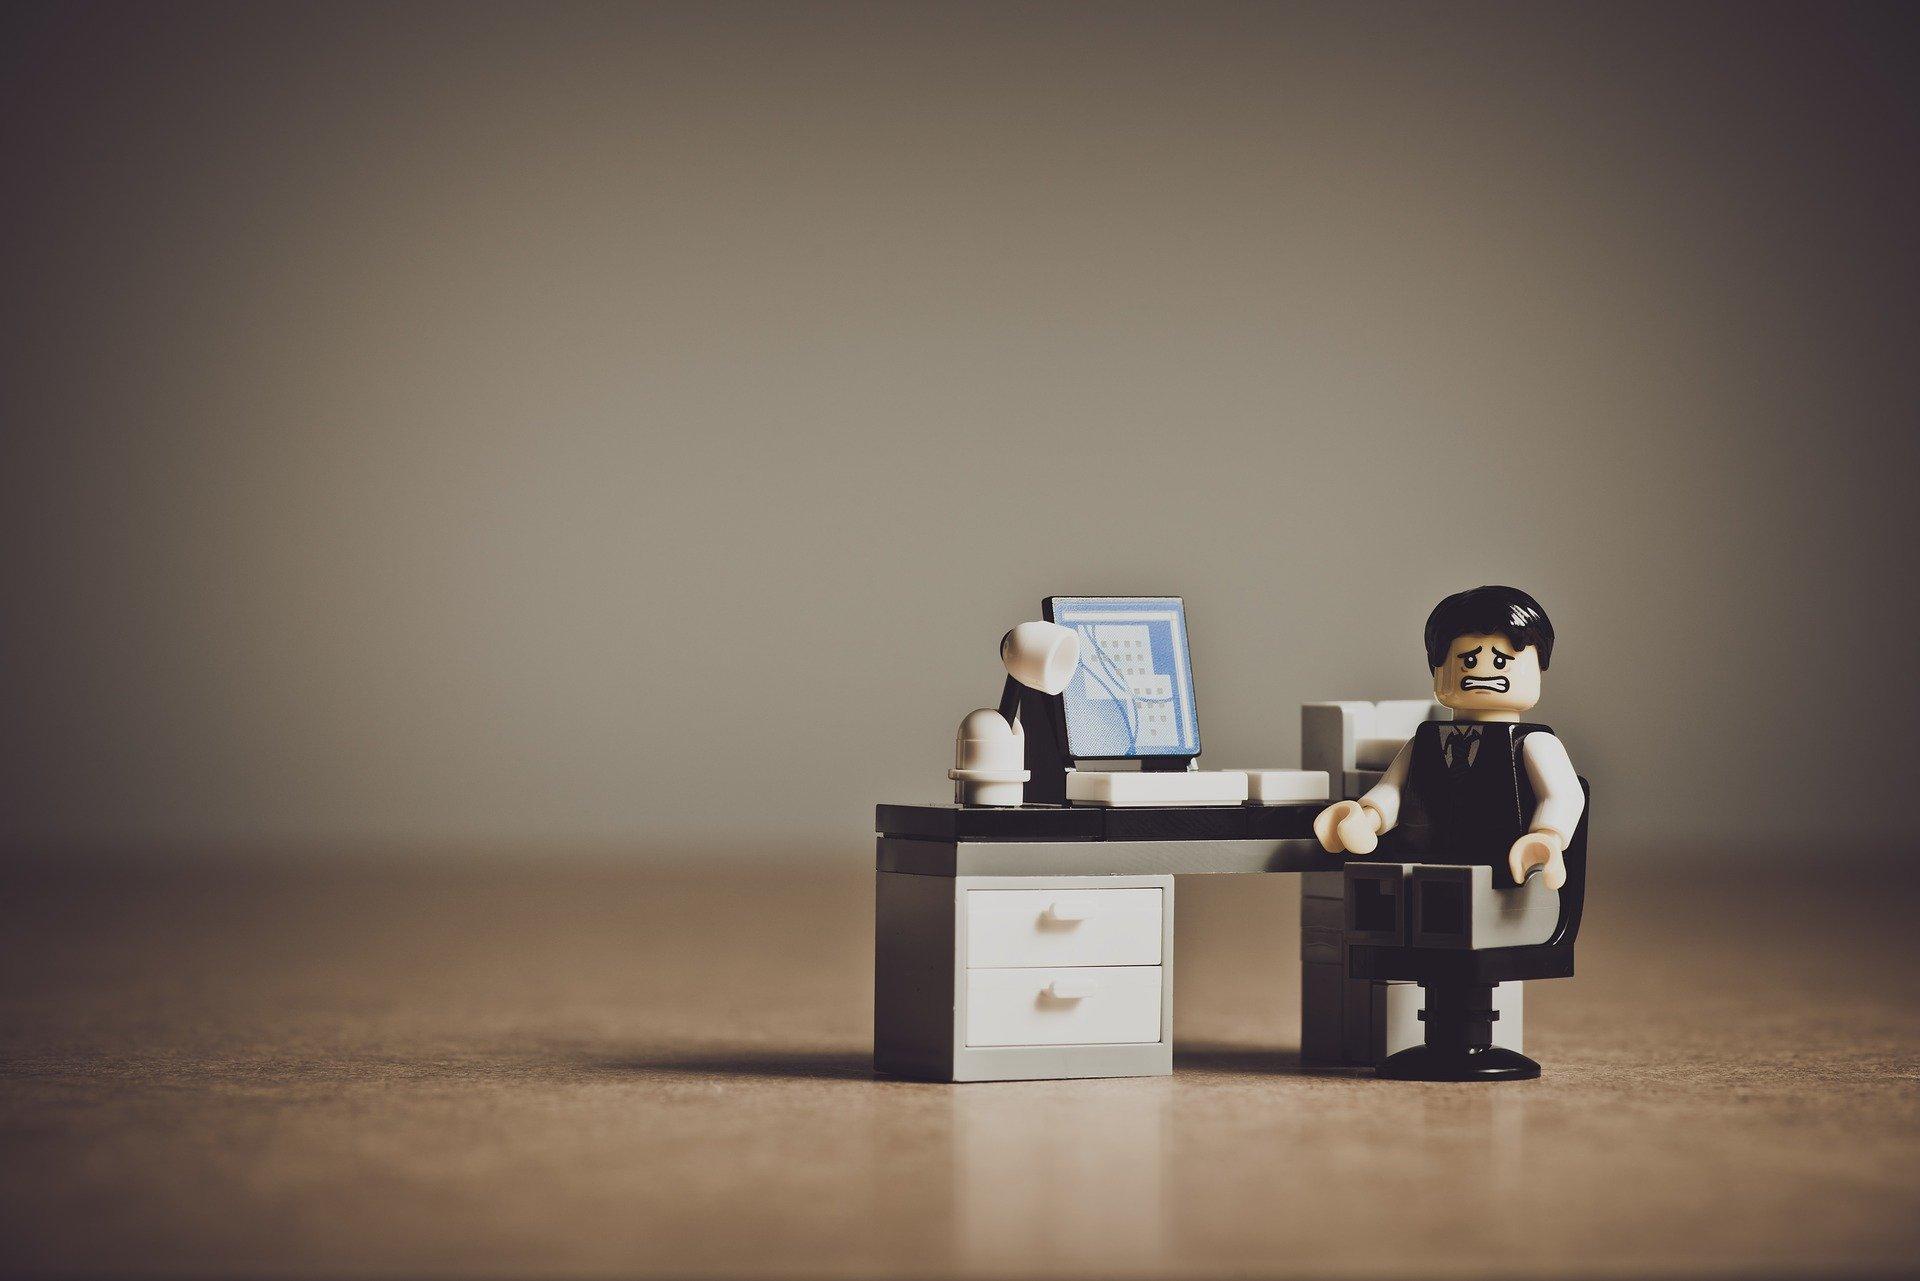 パソコンをいじる男性